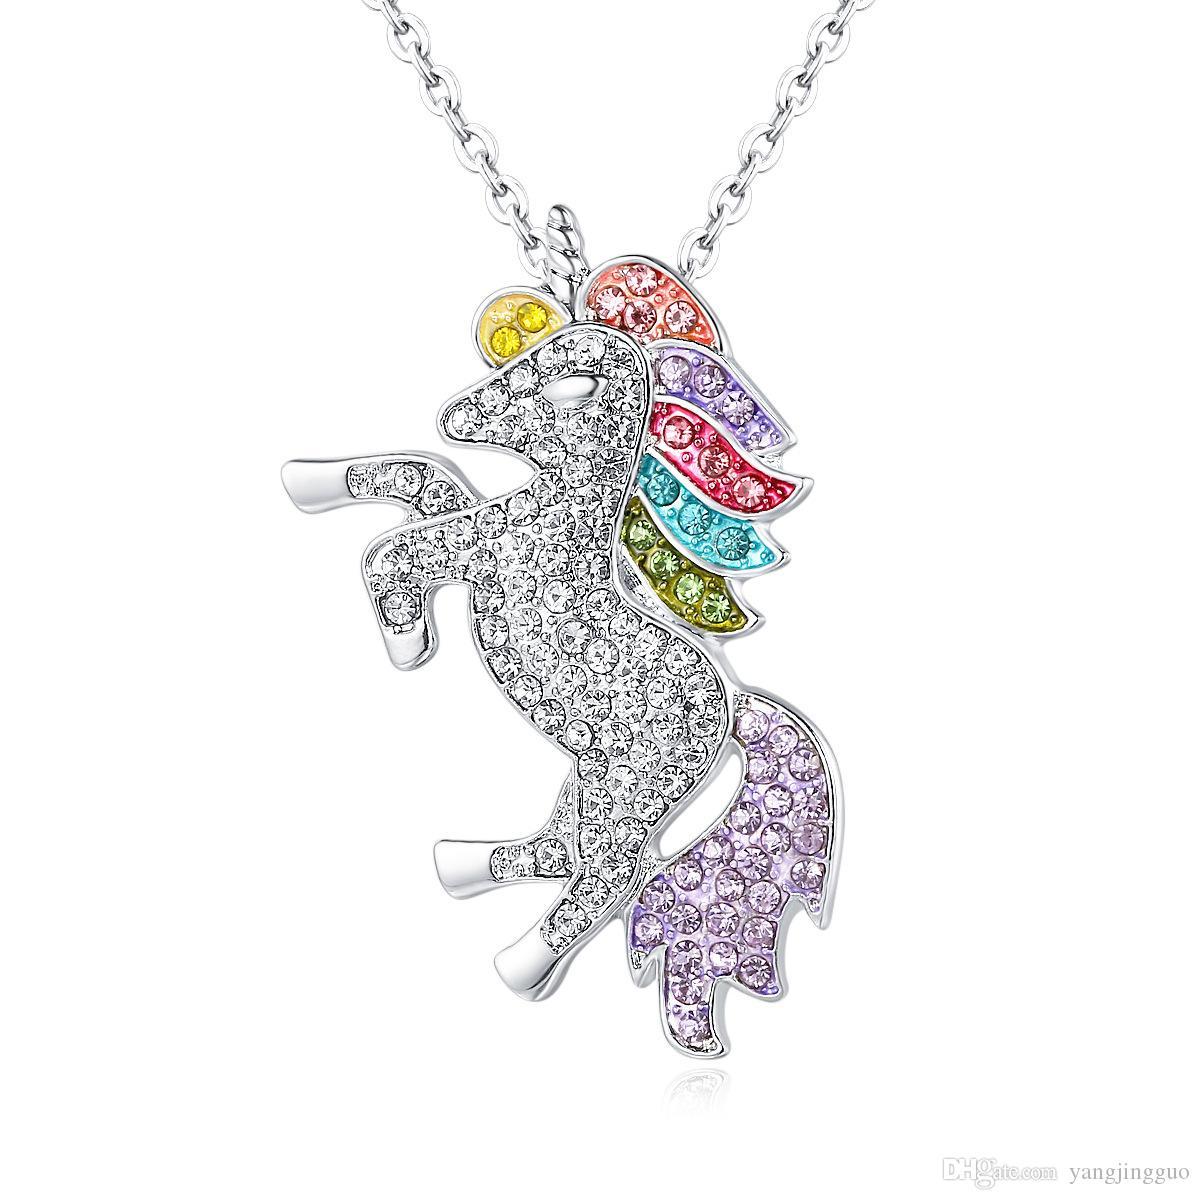 Nueva Declaración Original Esmalte Caballo Unicornio Colgantes Del Collar Con Efecto Especular Collar de Cadena Accesorios de La Joyería Para Las Mujeres